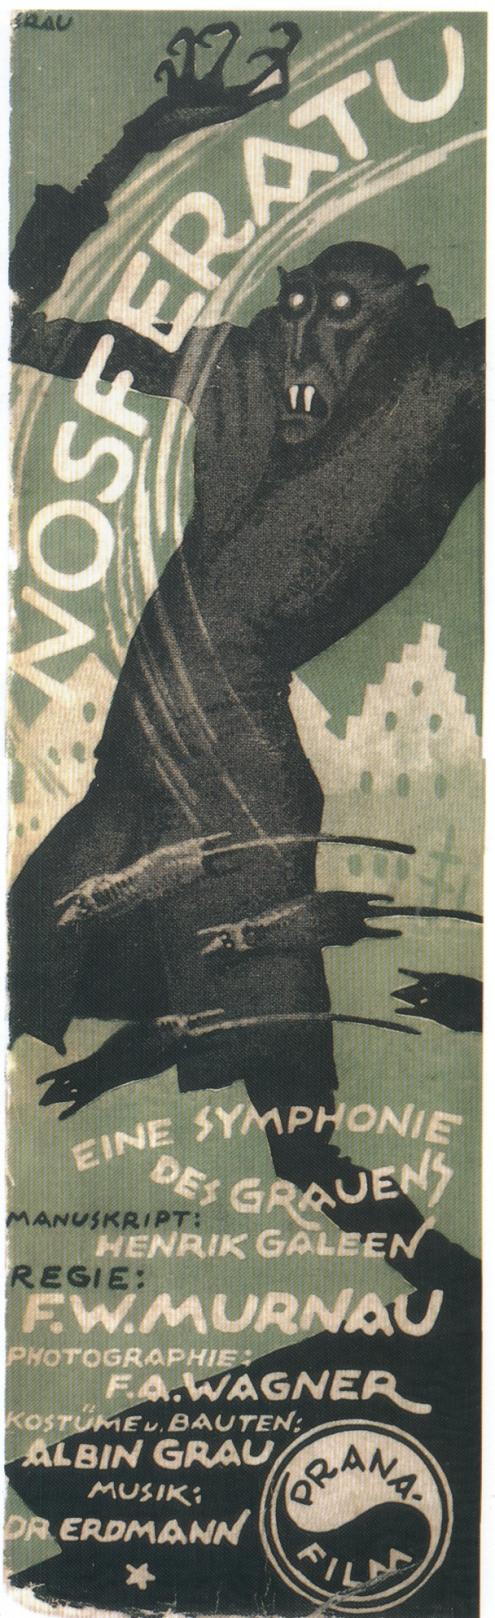 El conde Orlok y la peste que transporta en sus ataudes, hacen estragos en la ciudad de Wisborg.